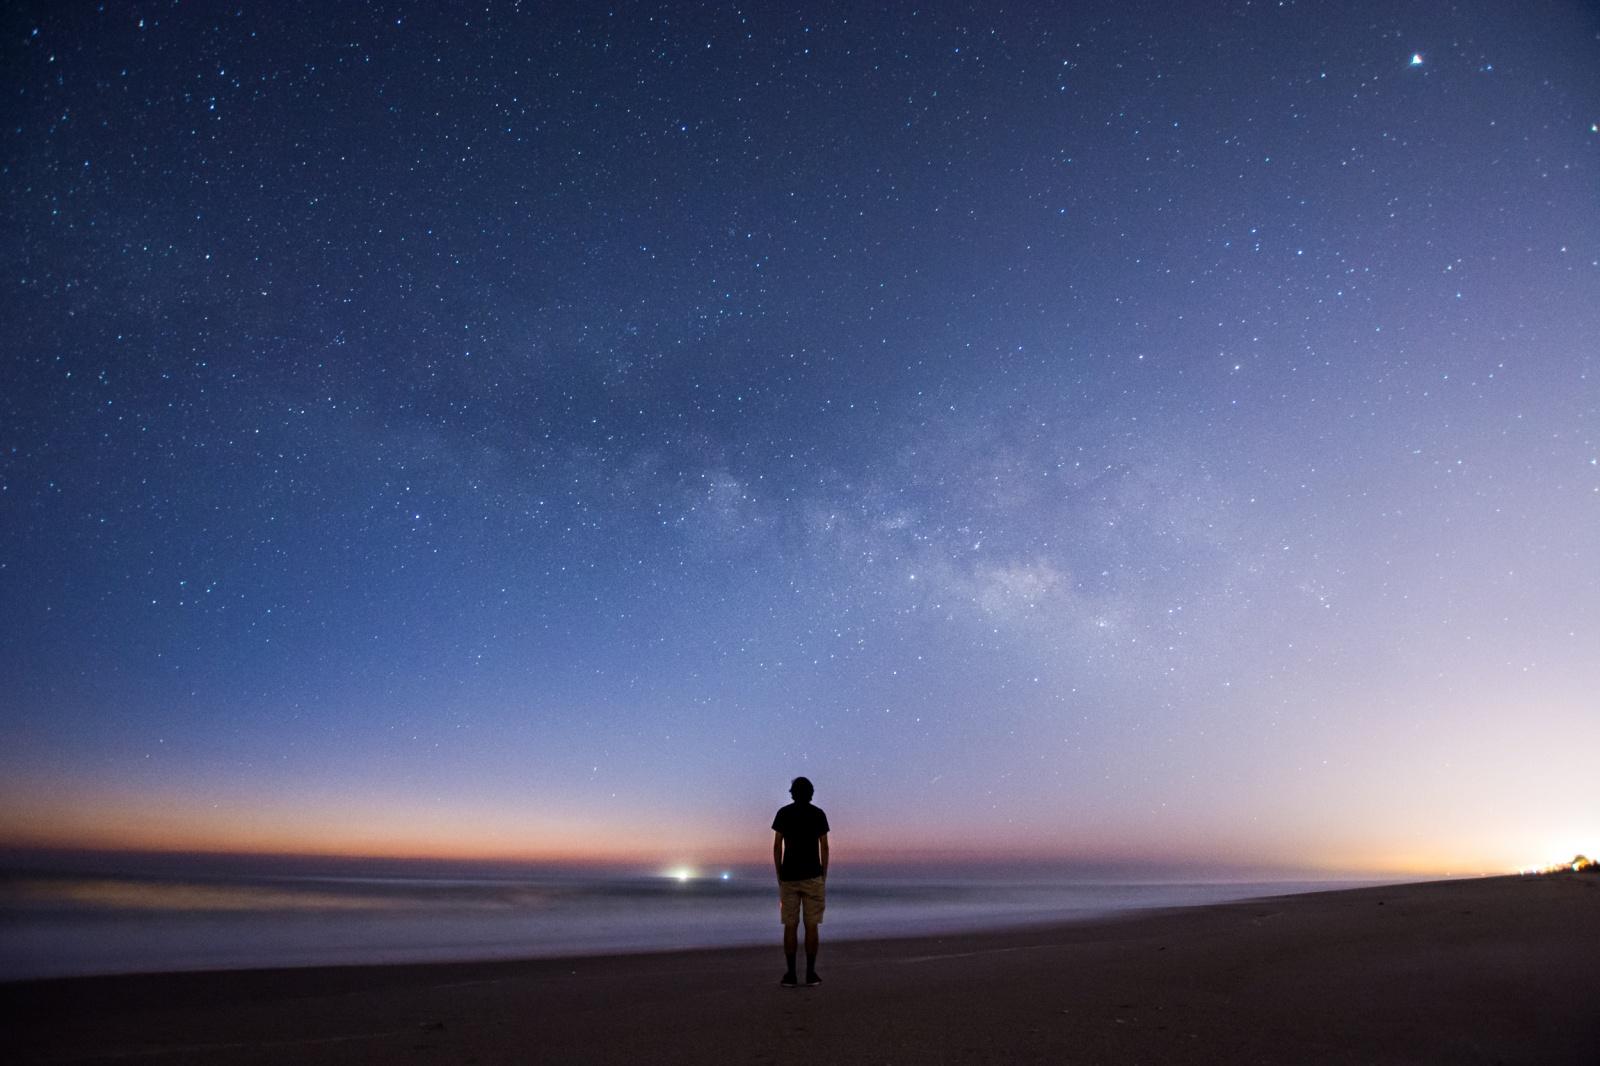 Почему на космических фотографиях не видно звёзд? - 11